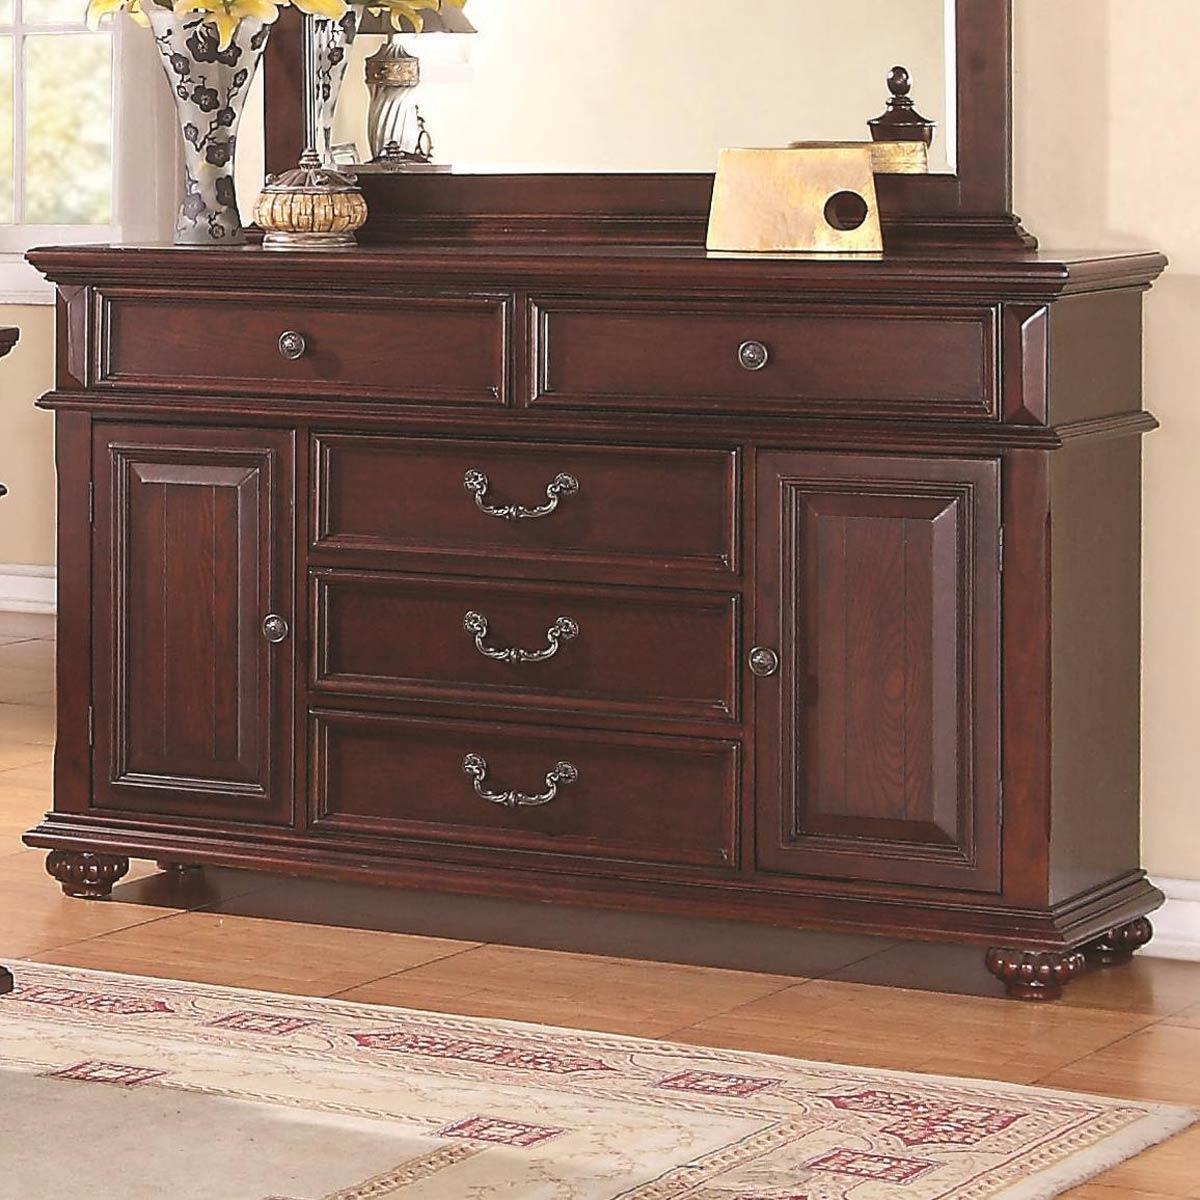 Coaster Kessner Dresser - Cherry 203173